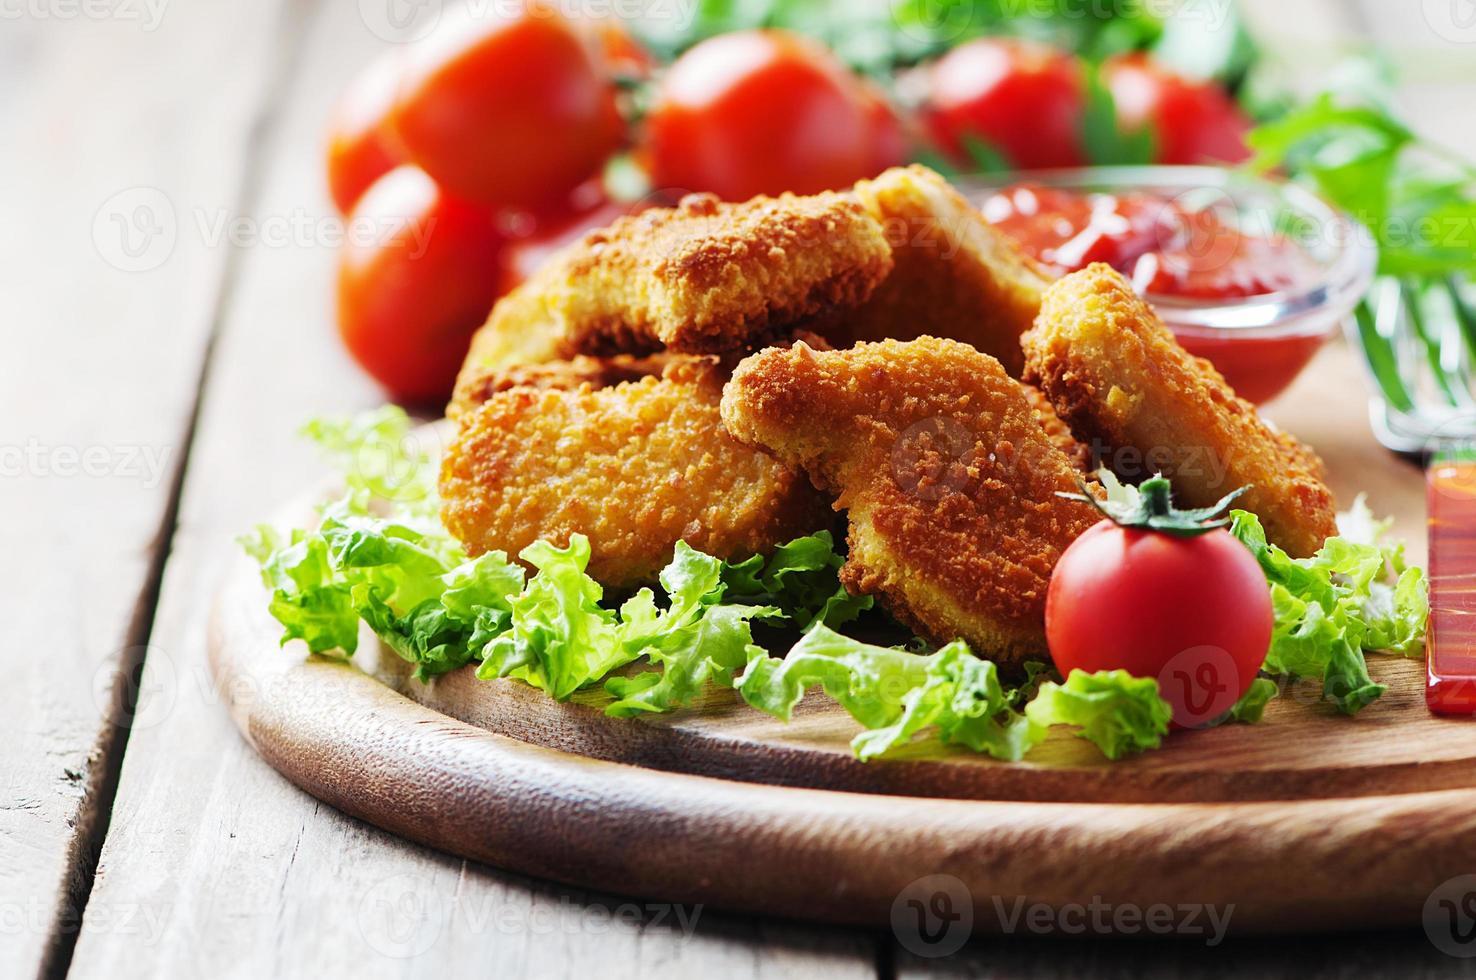 bocconcini di pollo sul tavolo di legno foto